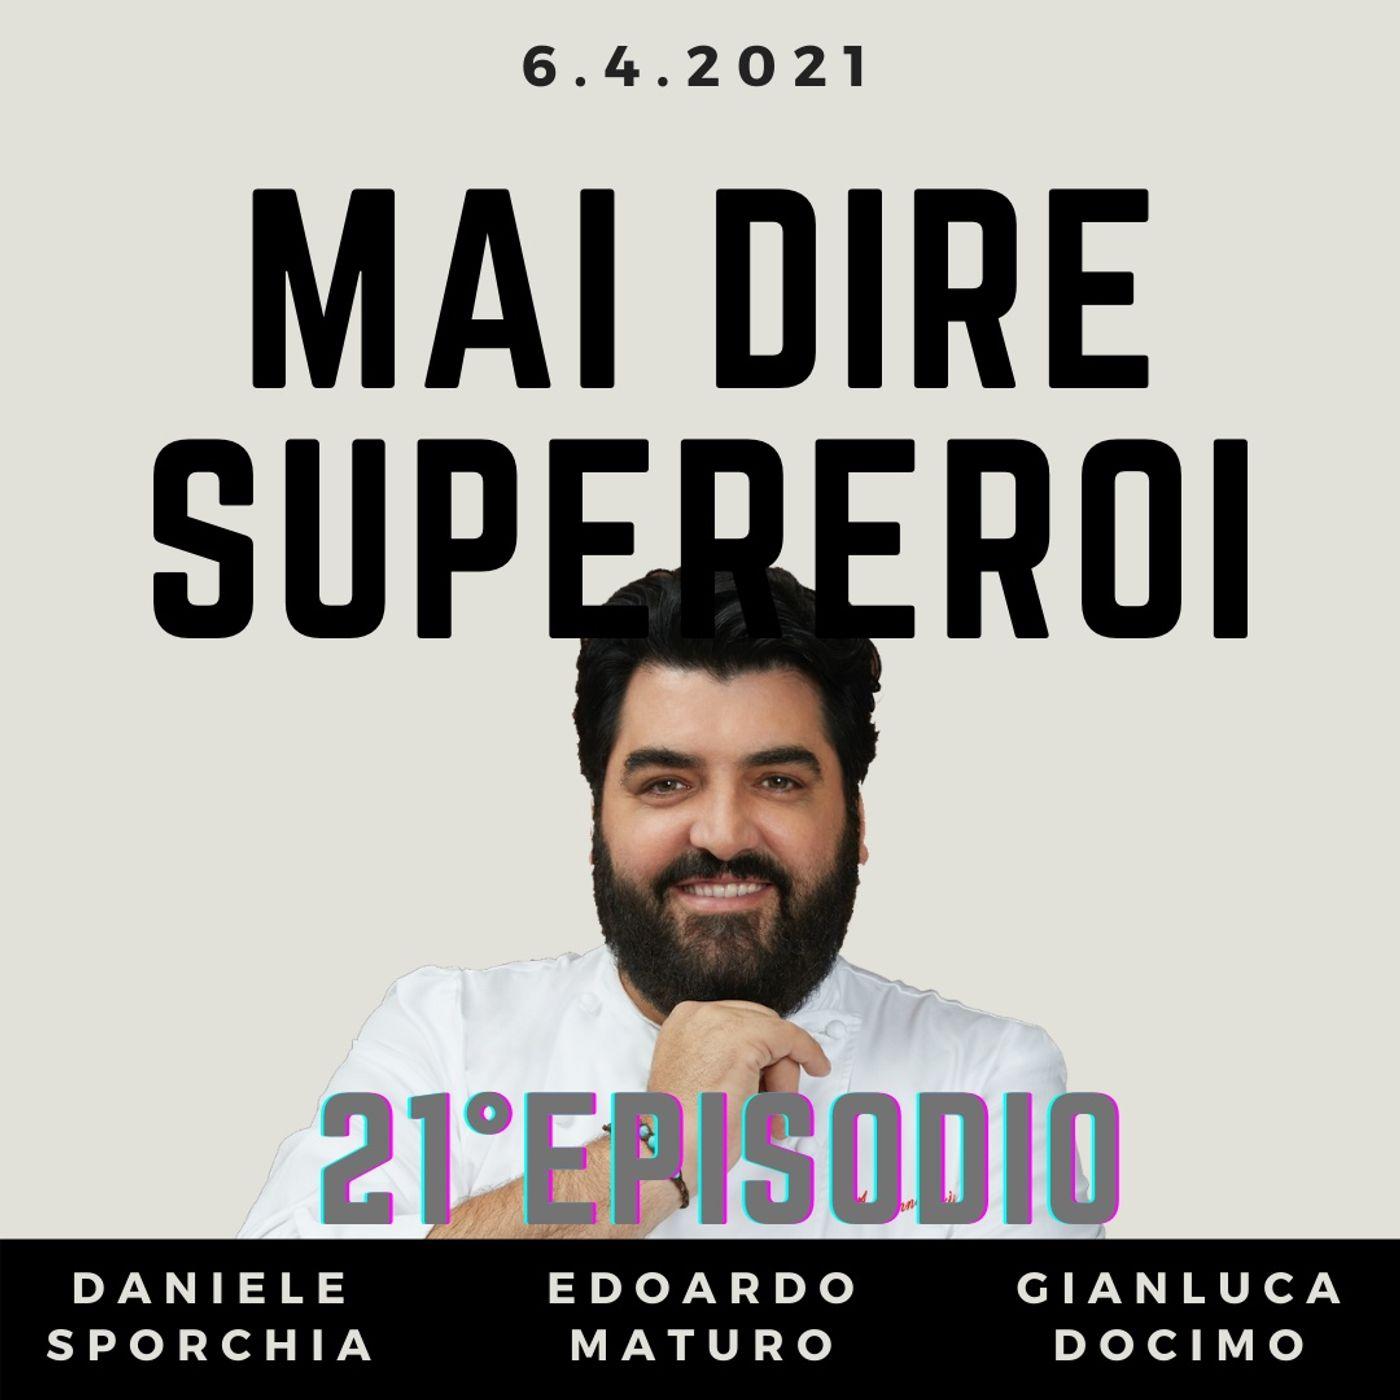 MAI DIRE SUPEREROI - 21° EPISODIO (SPECIALE PASQUETTA)